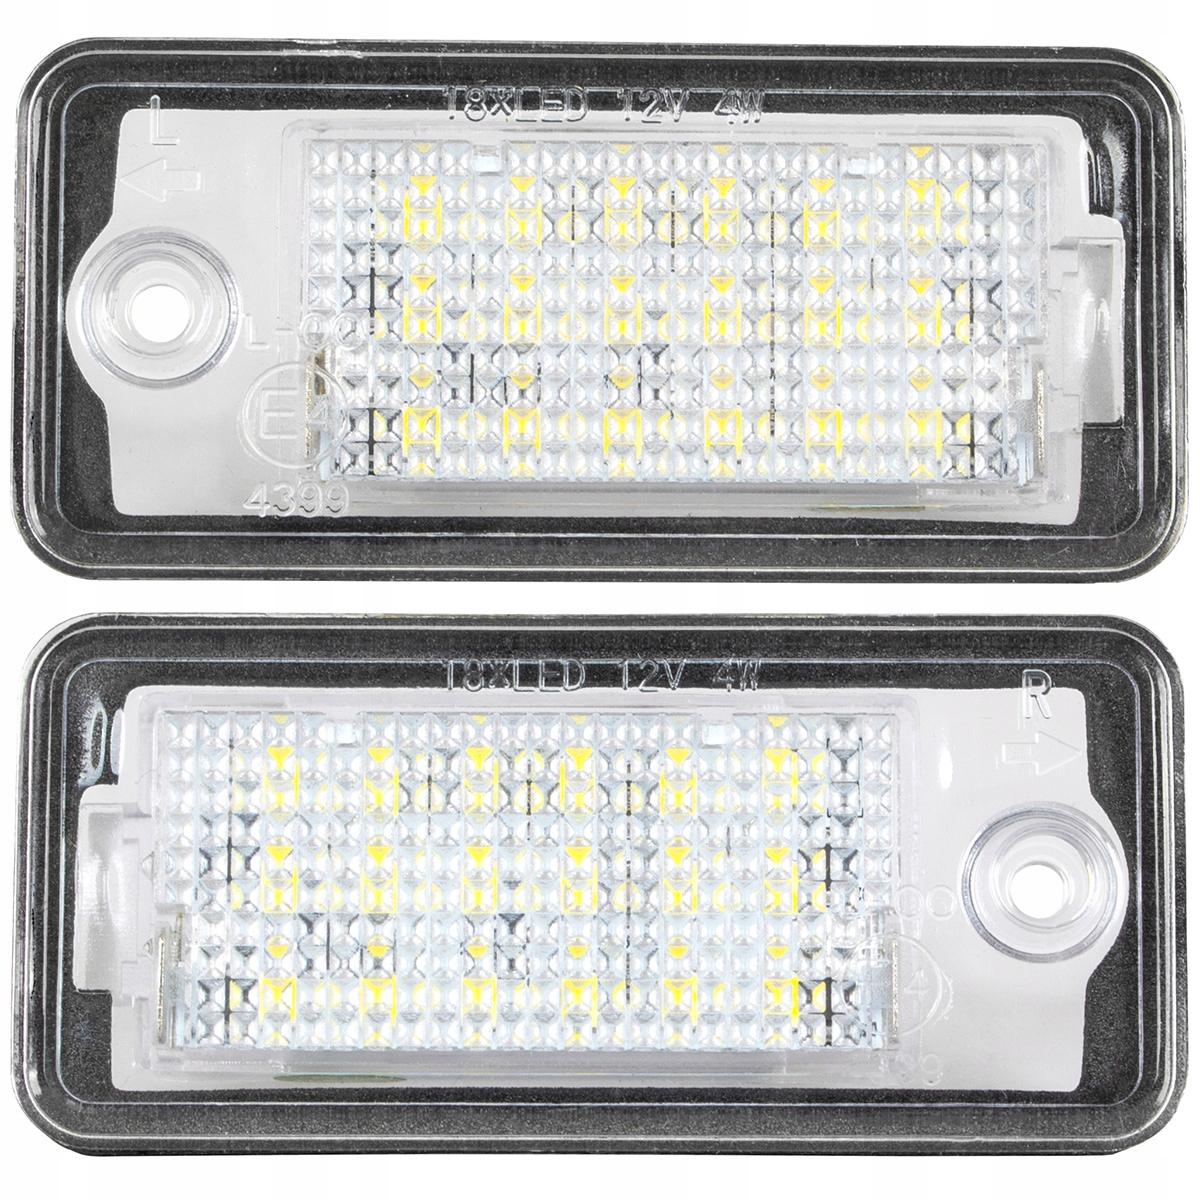 лампы led подсветка к audi a3 8p a4 b6 b7 a6